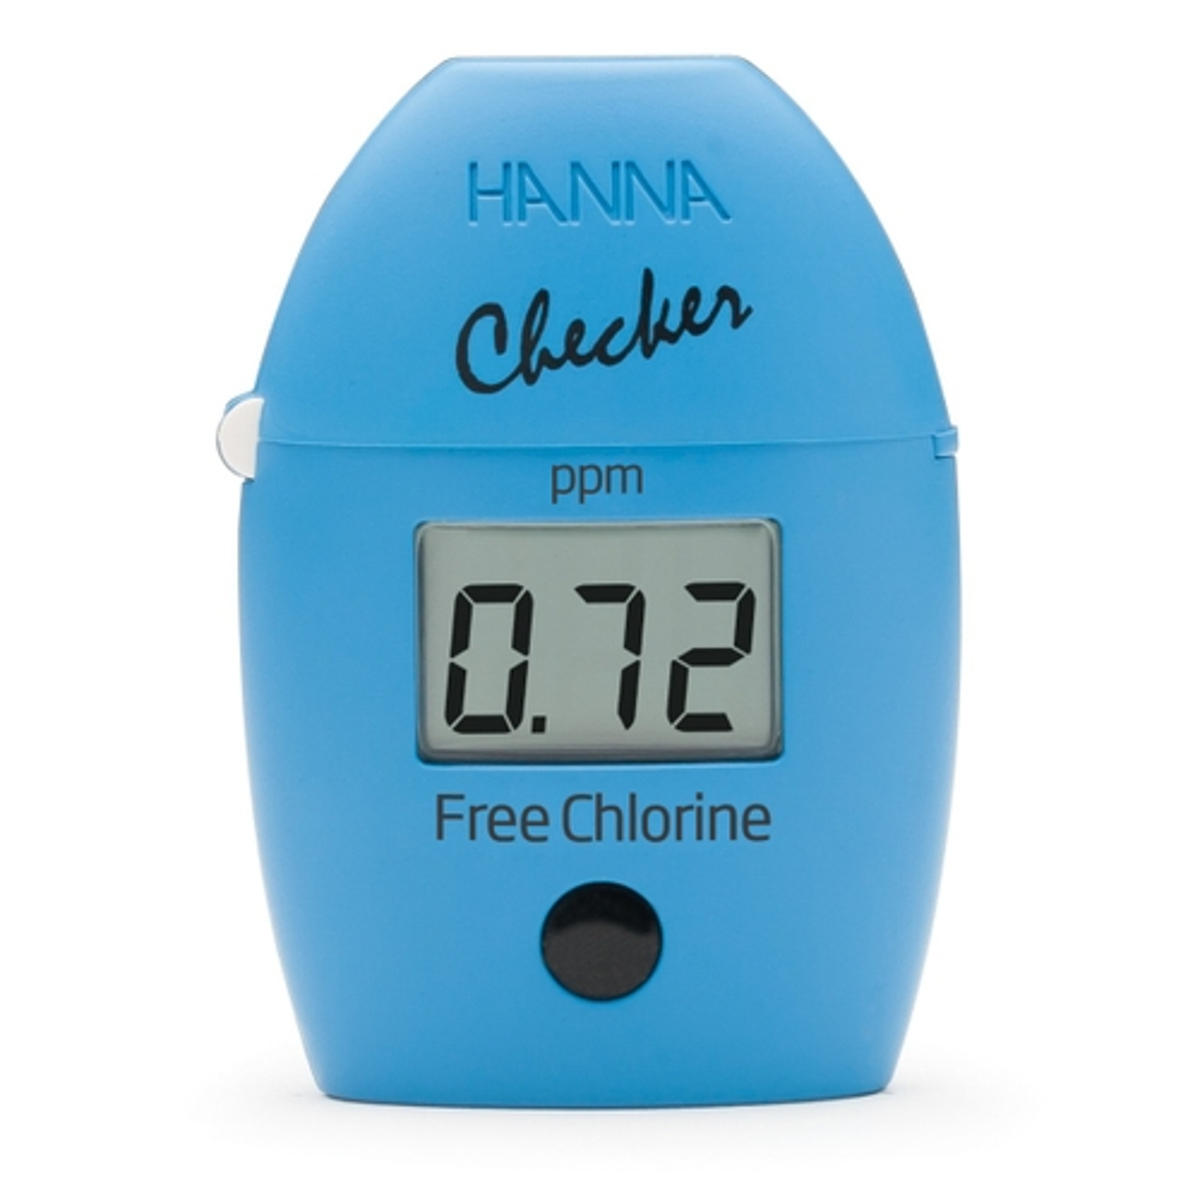 HI701 - Checker HC - Colorimetro tascabile per Cloro Libero